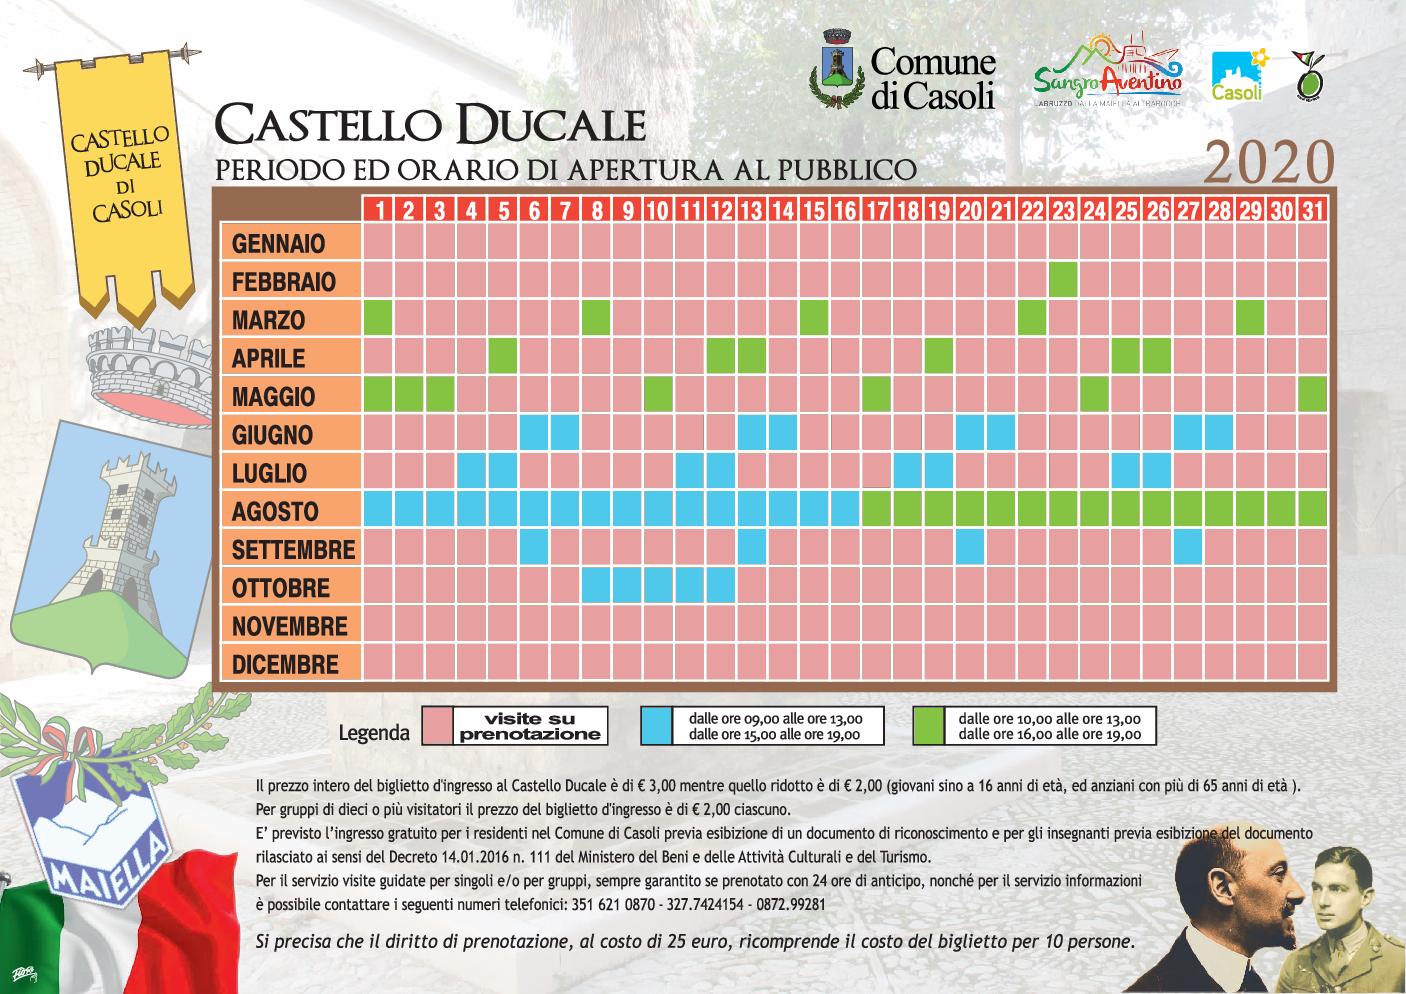 ORARI CASTELLO DUCALE 2020